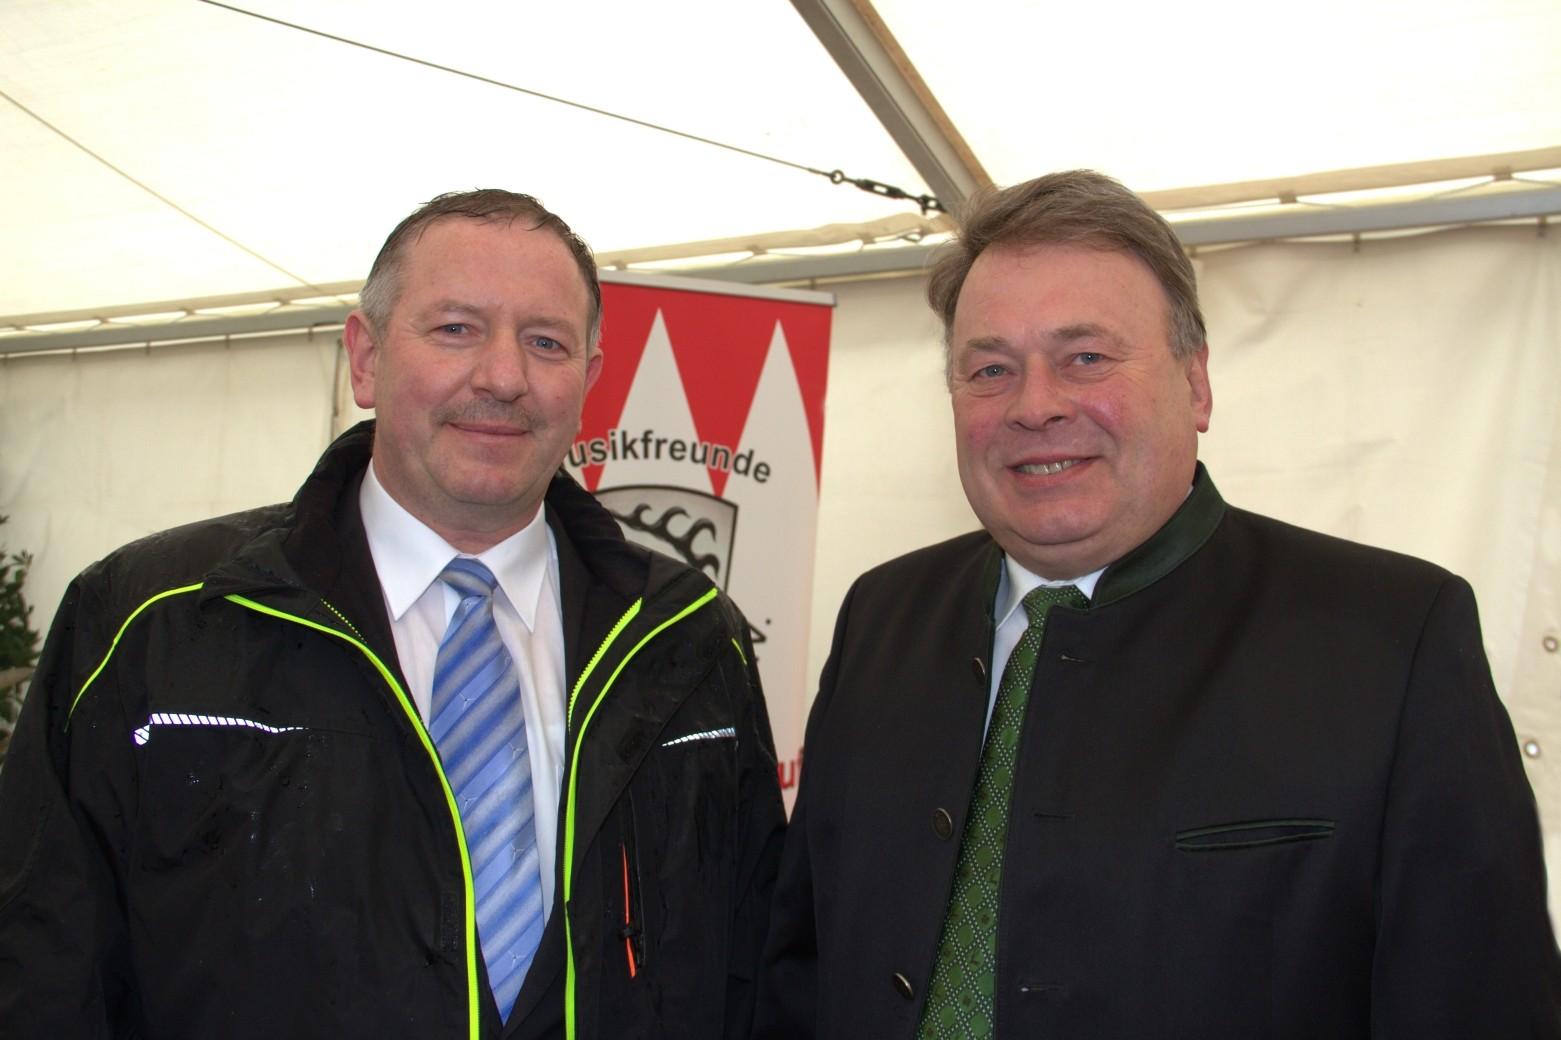 Reinhold Zeilinger, Helmut Brunner, Landwirtschaftsminister